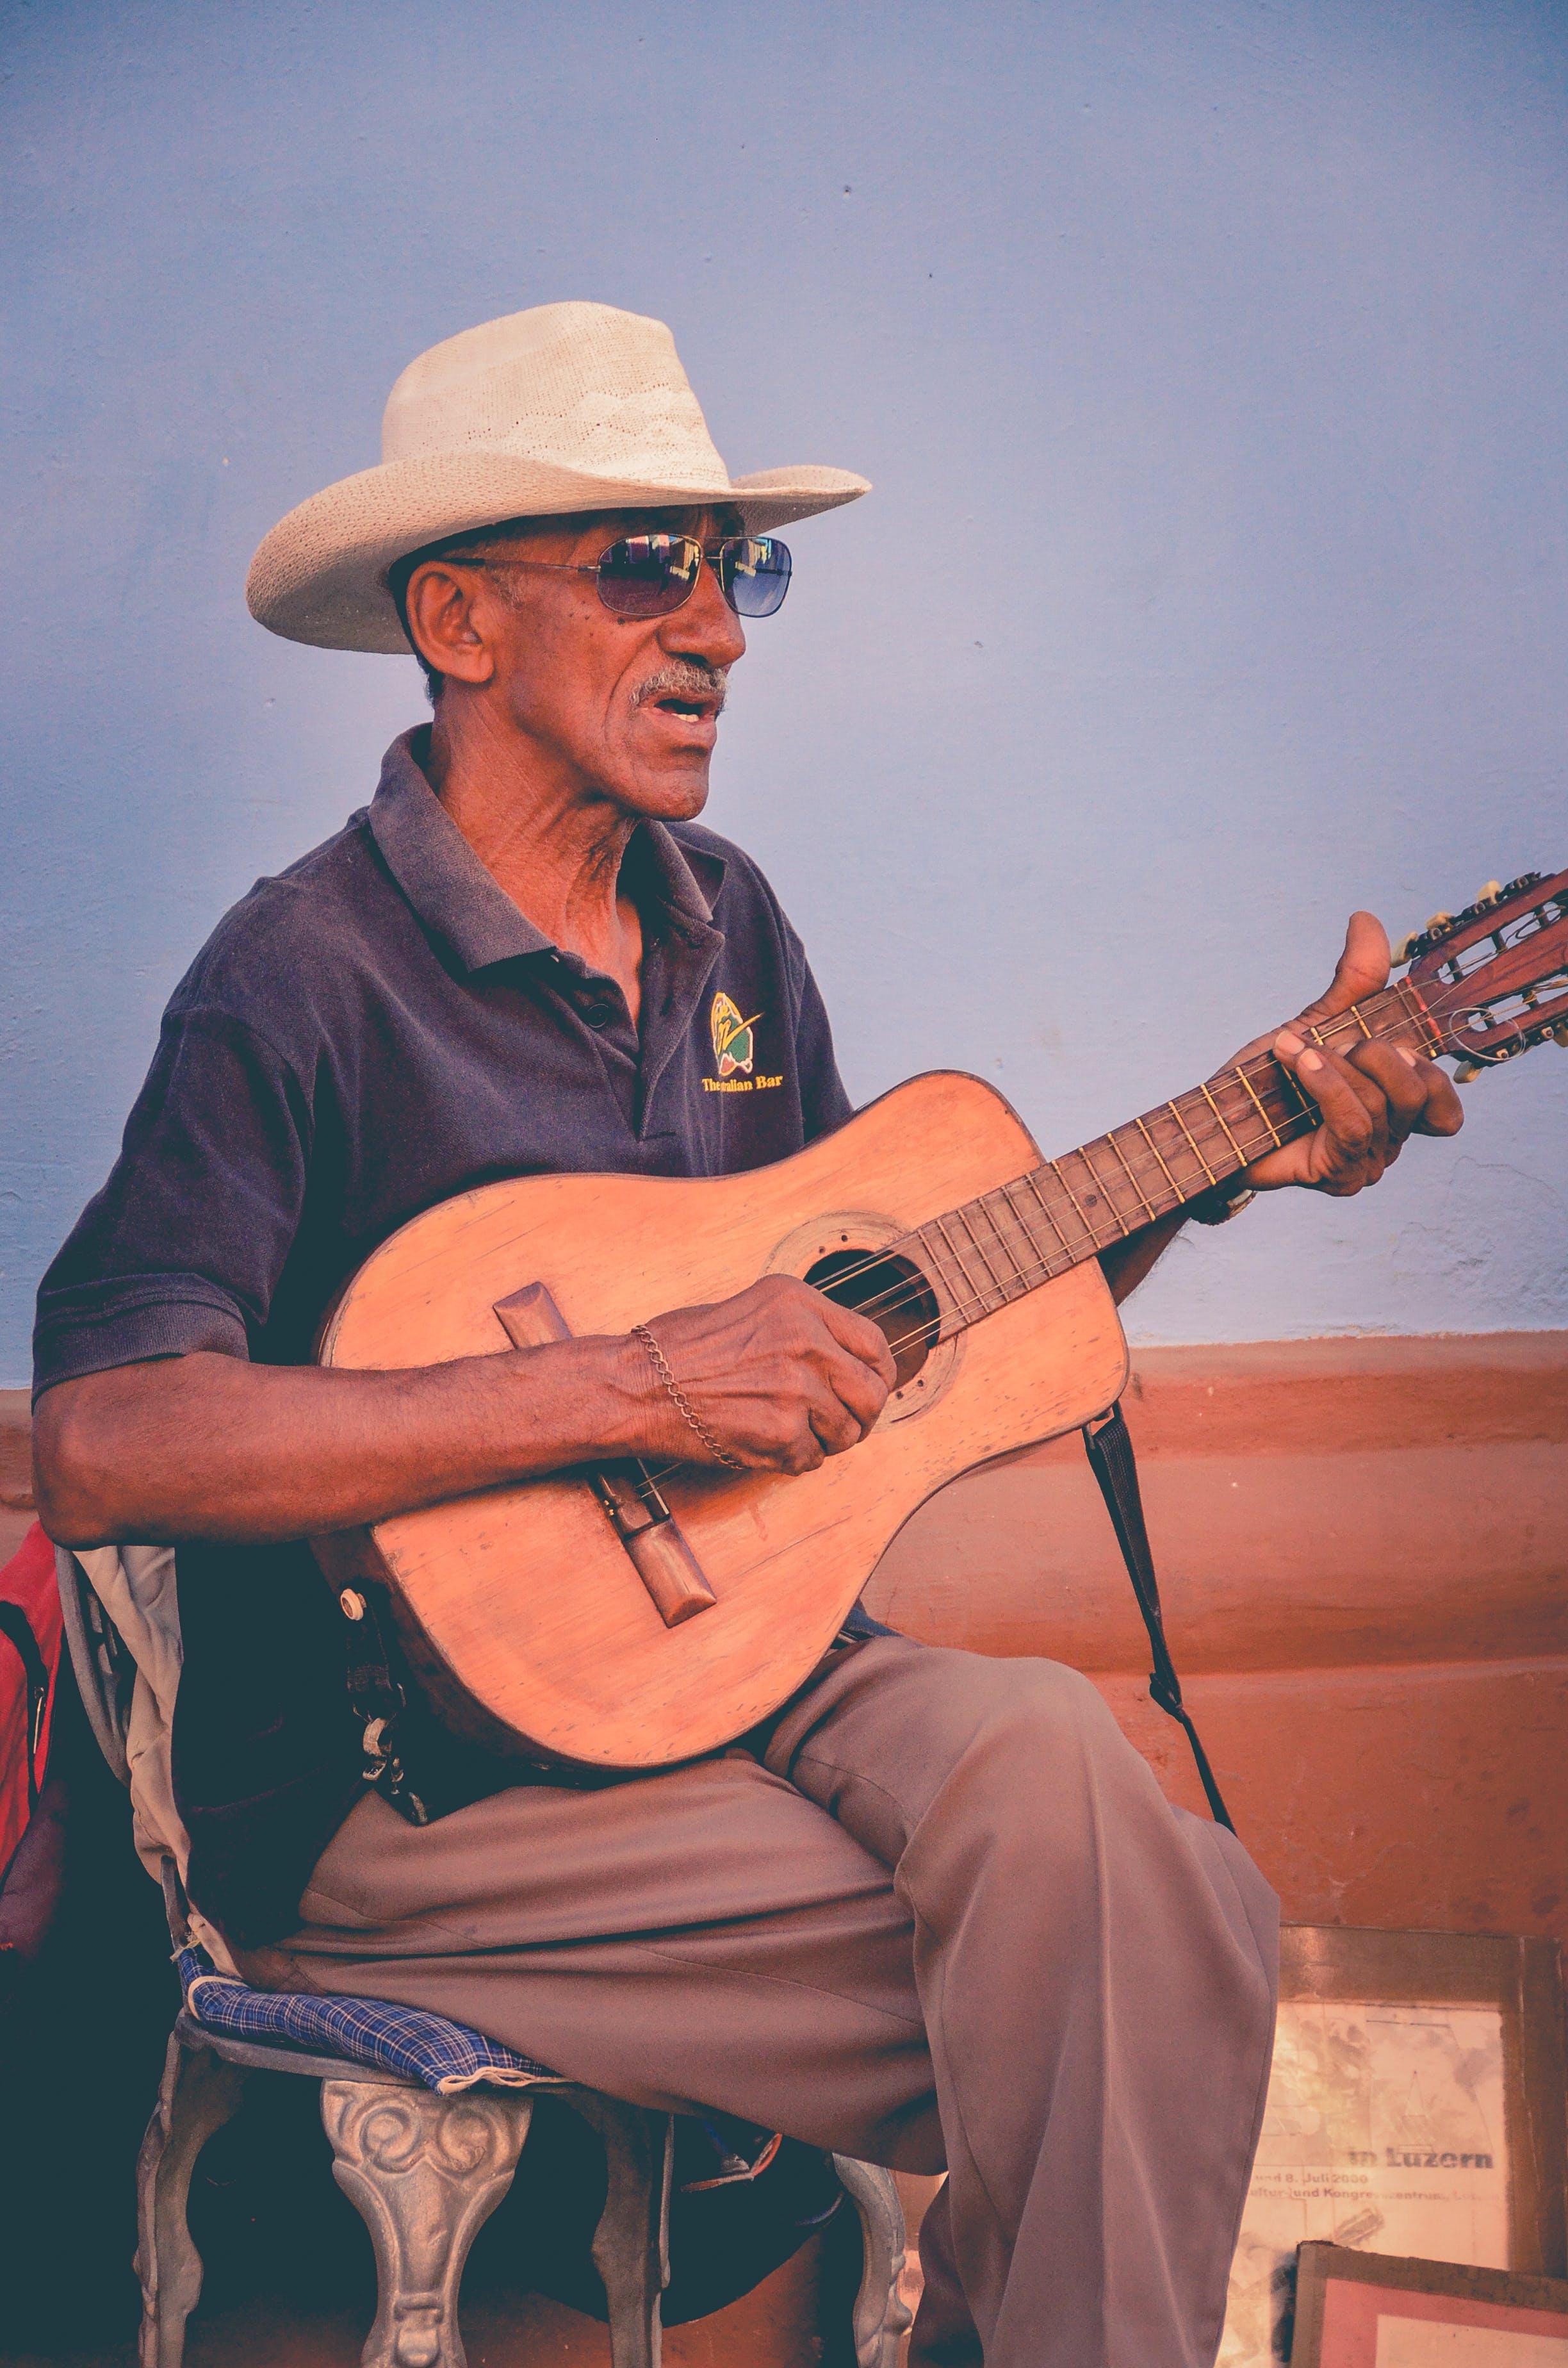 공연가, 기타, 기타리스트, 남자의 무료 스톡 사진